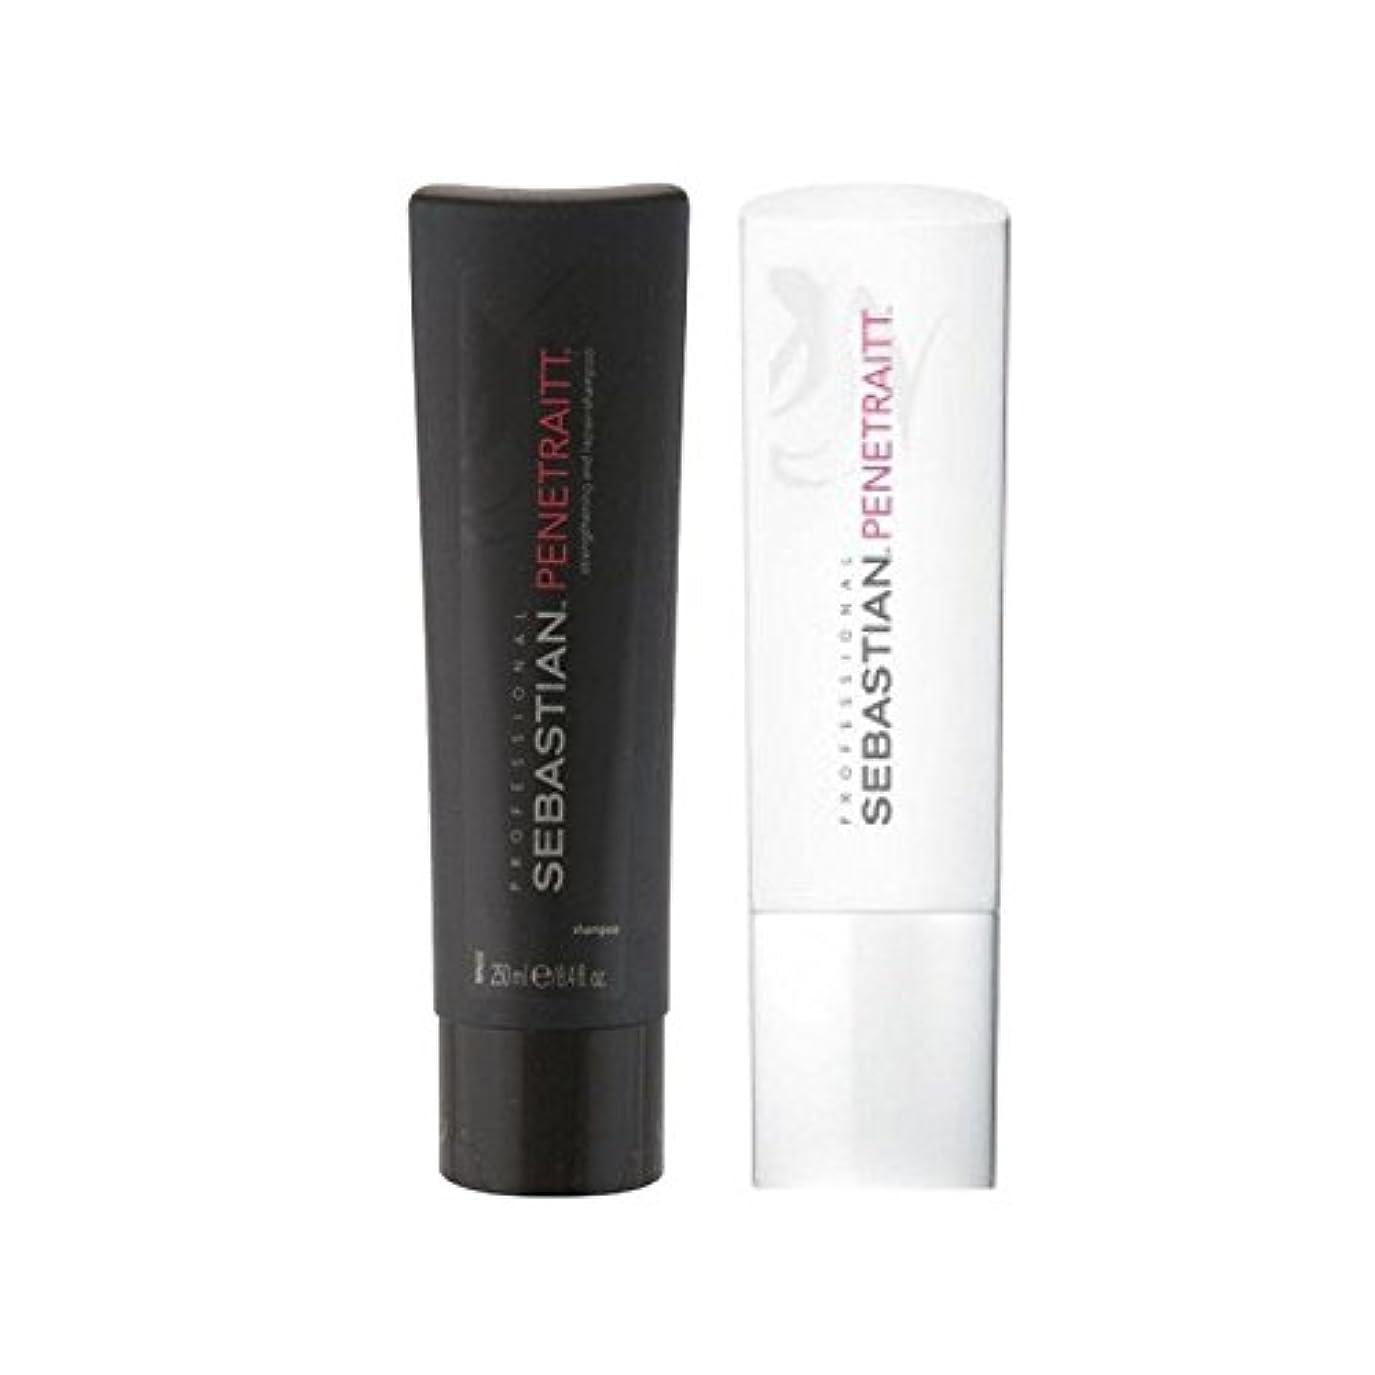 暴力想定する入場料Sebastian Professional Penetraitt Duo - Shampoo & Conditioner (Pack of 6) - セバスチャンプロデュオ - シャンプー&コンディショナー x6 [並行輸入品]